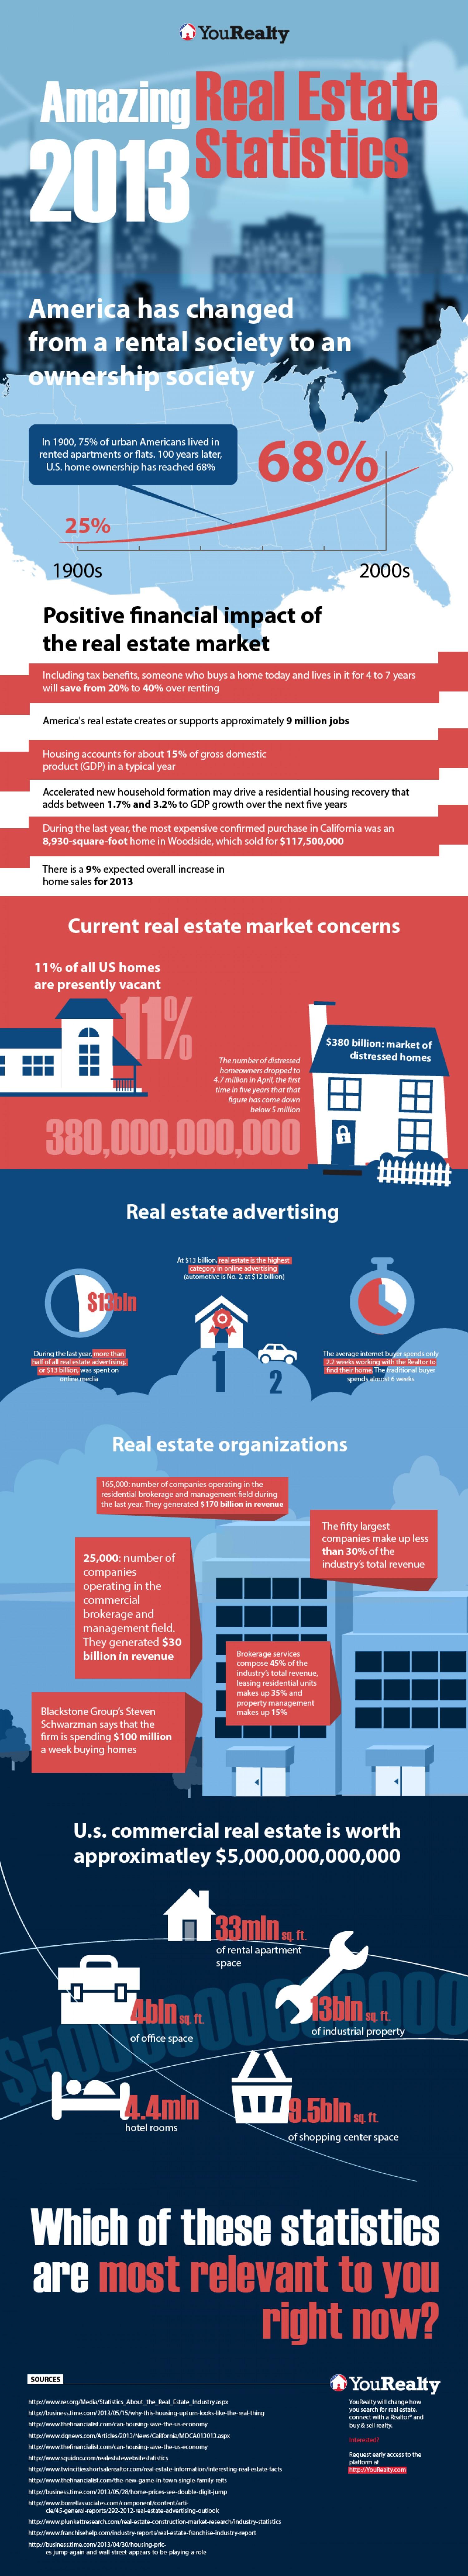 Amazing real estate statistics 2013